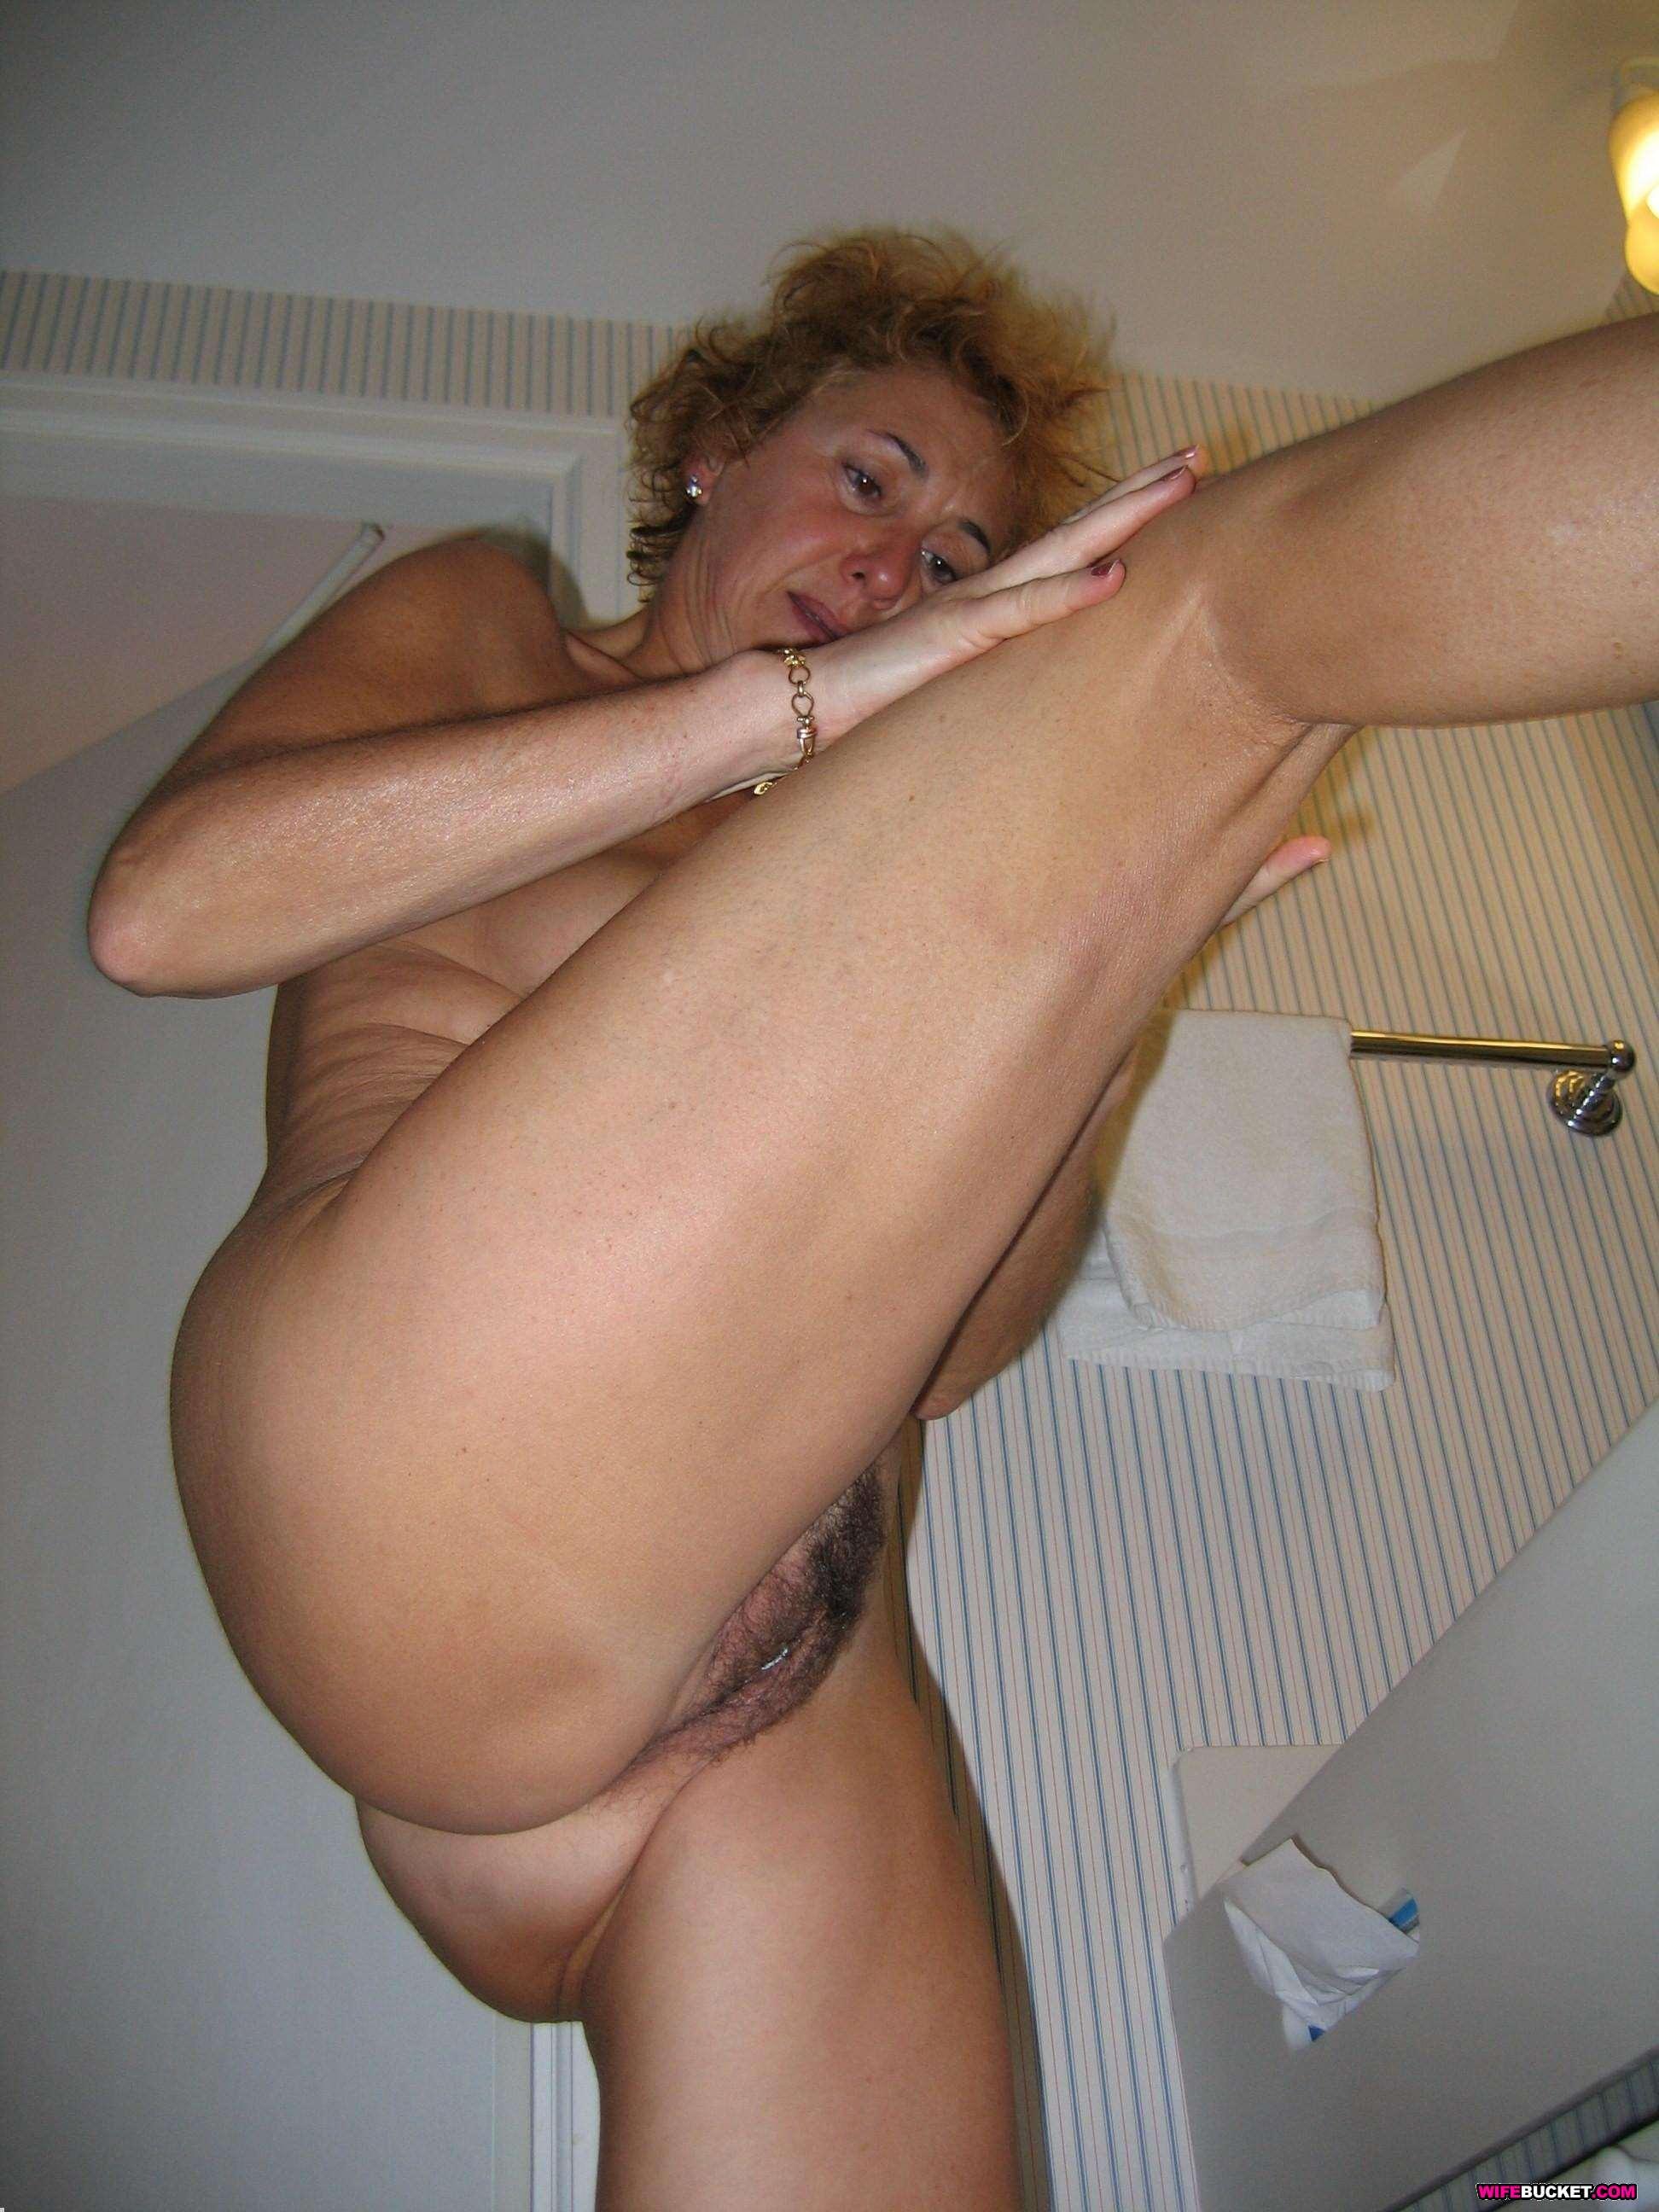 Русское порно фото дам бальзаковского возраста 16 фотография